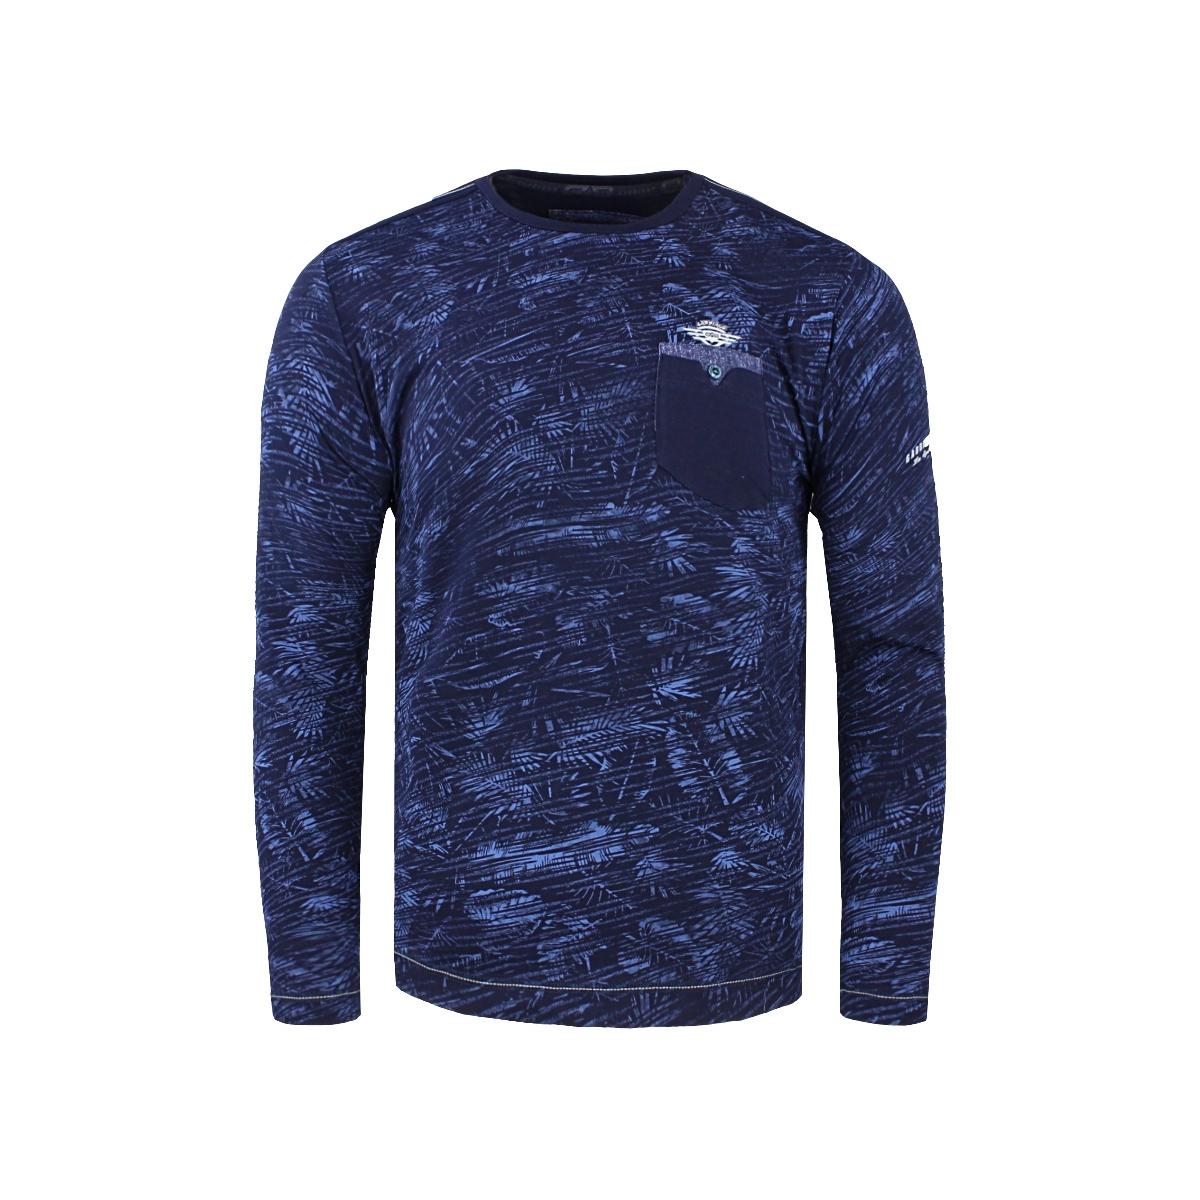 longsleeve 15166 gabbiano t-shirt navy